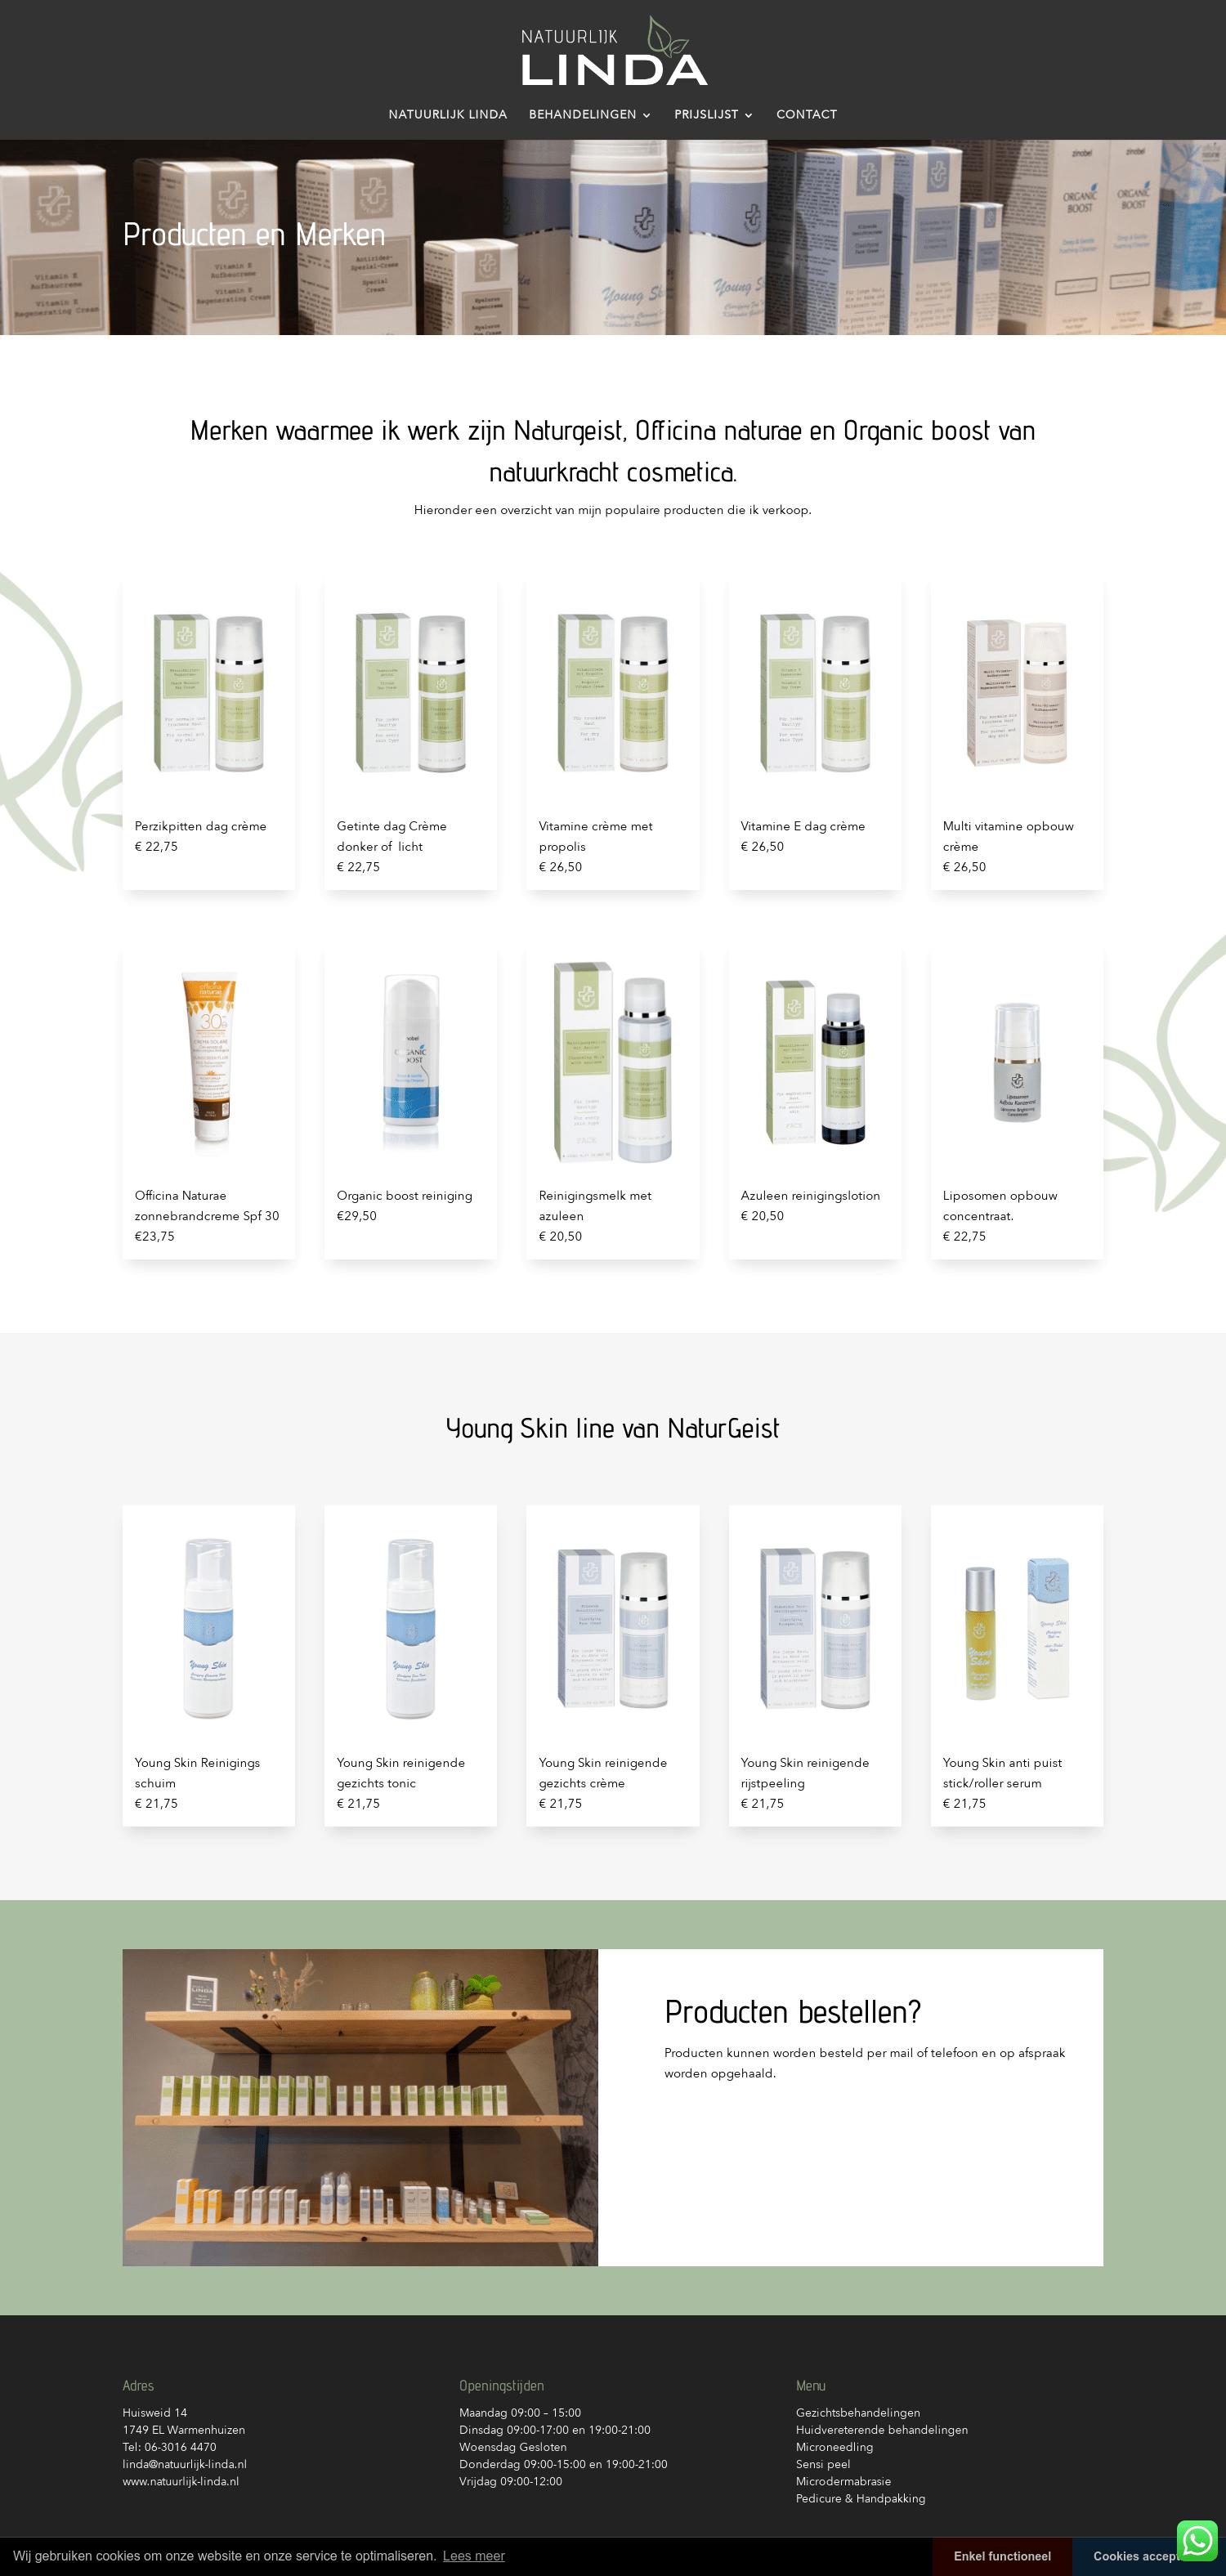 Producten en Merken Schoonheidssalon Natuurlijk Linda